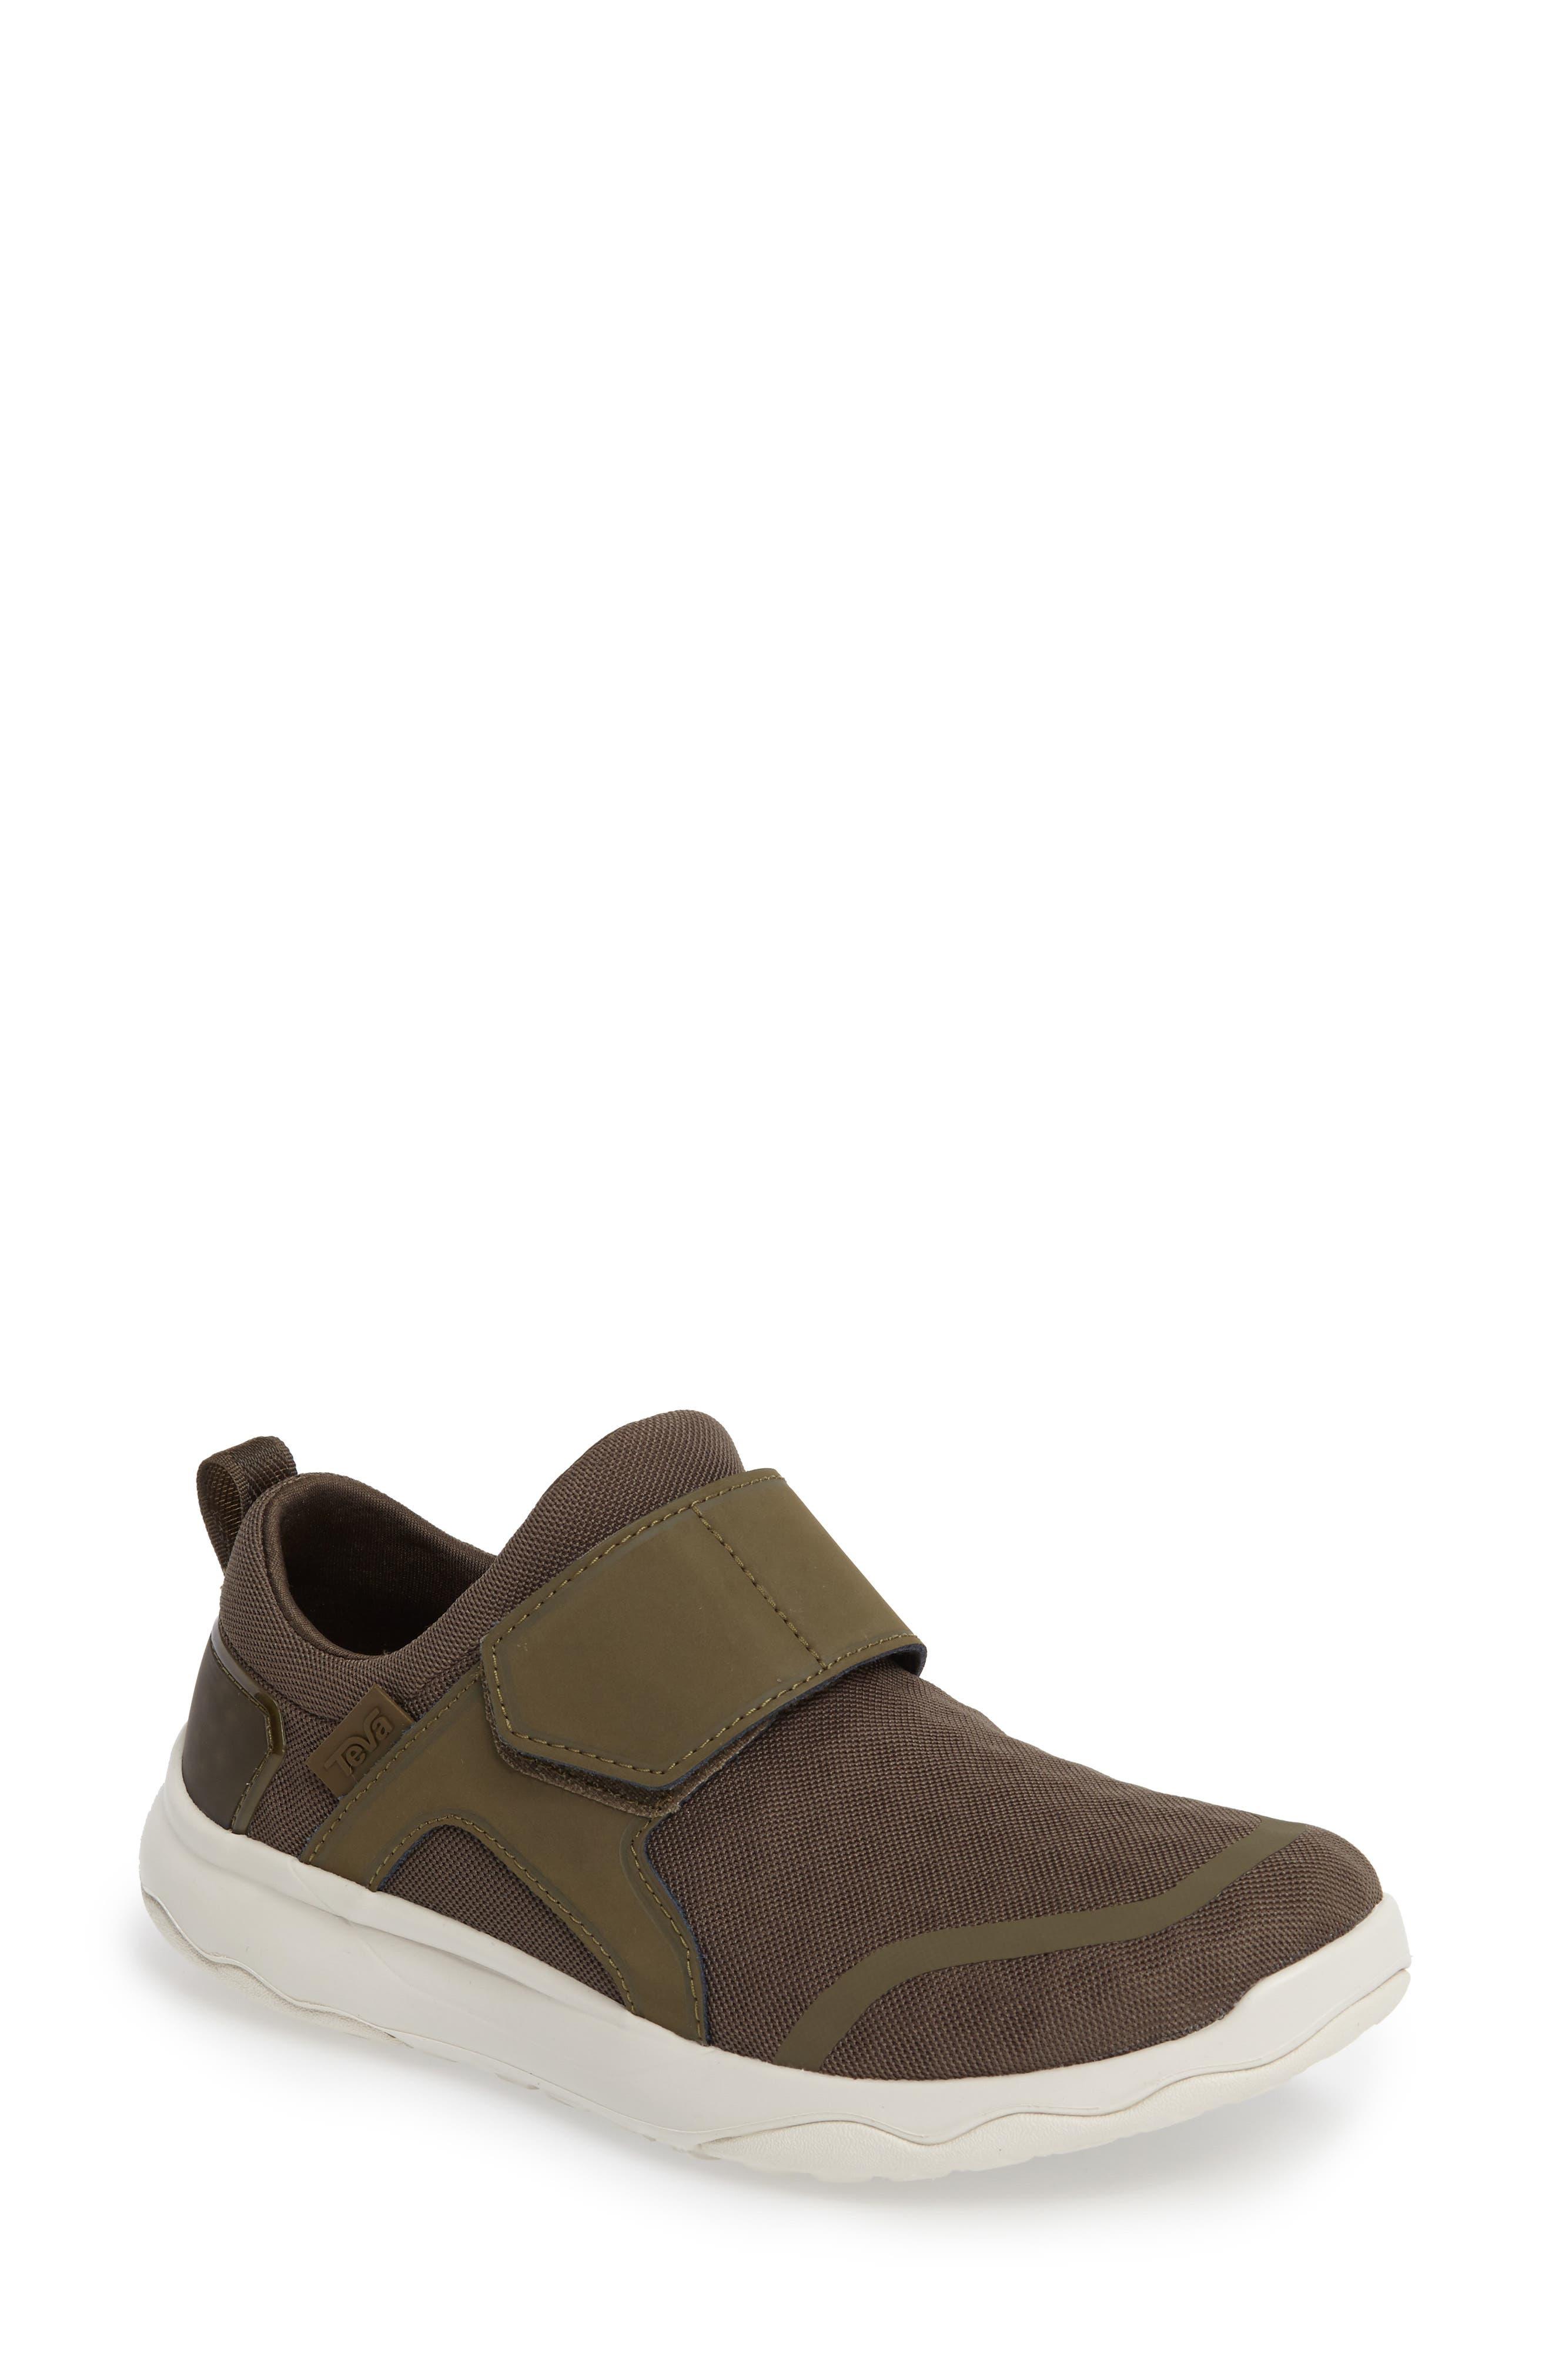 Teva Arrowood Swift Slip-On Sneaker (Women)